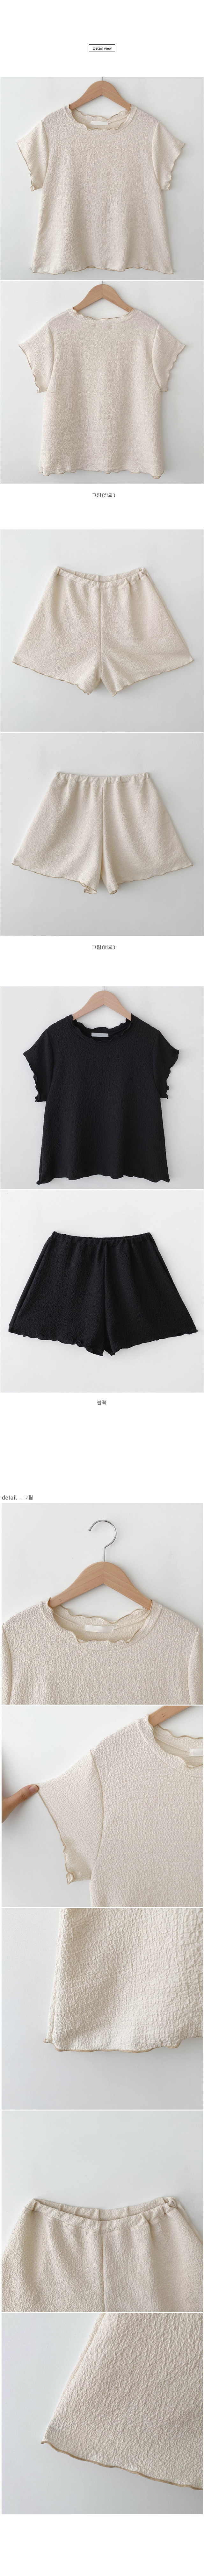 Honey Wrinkle Free Top + Shorts Set